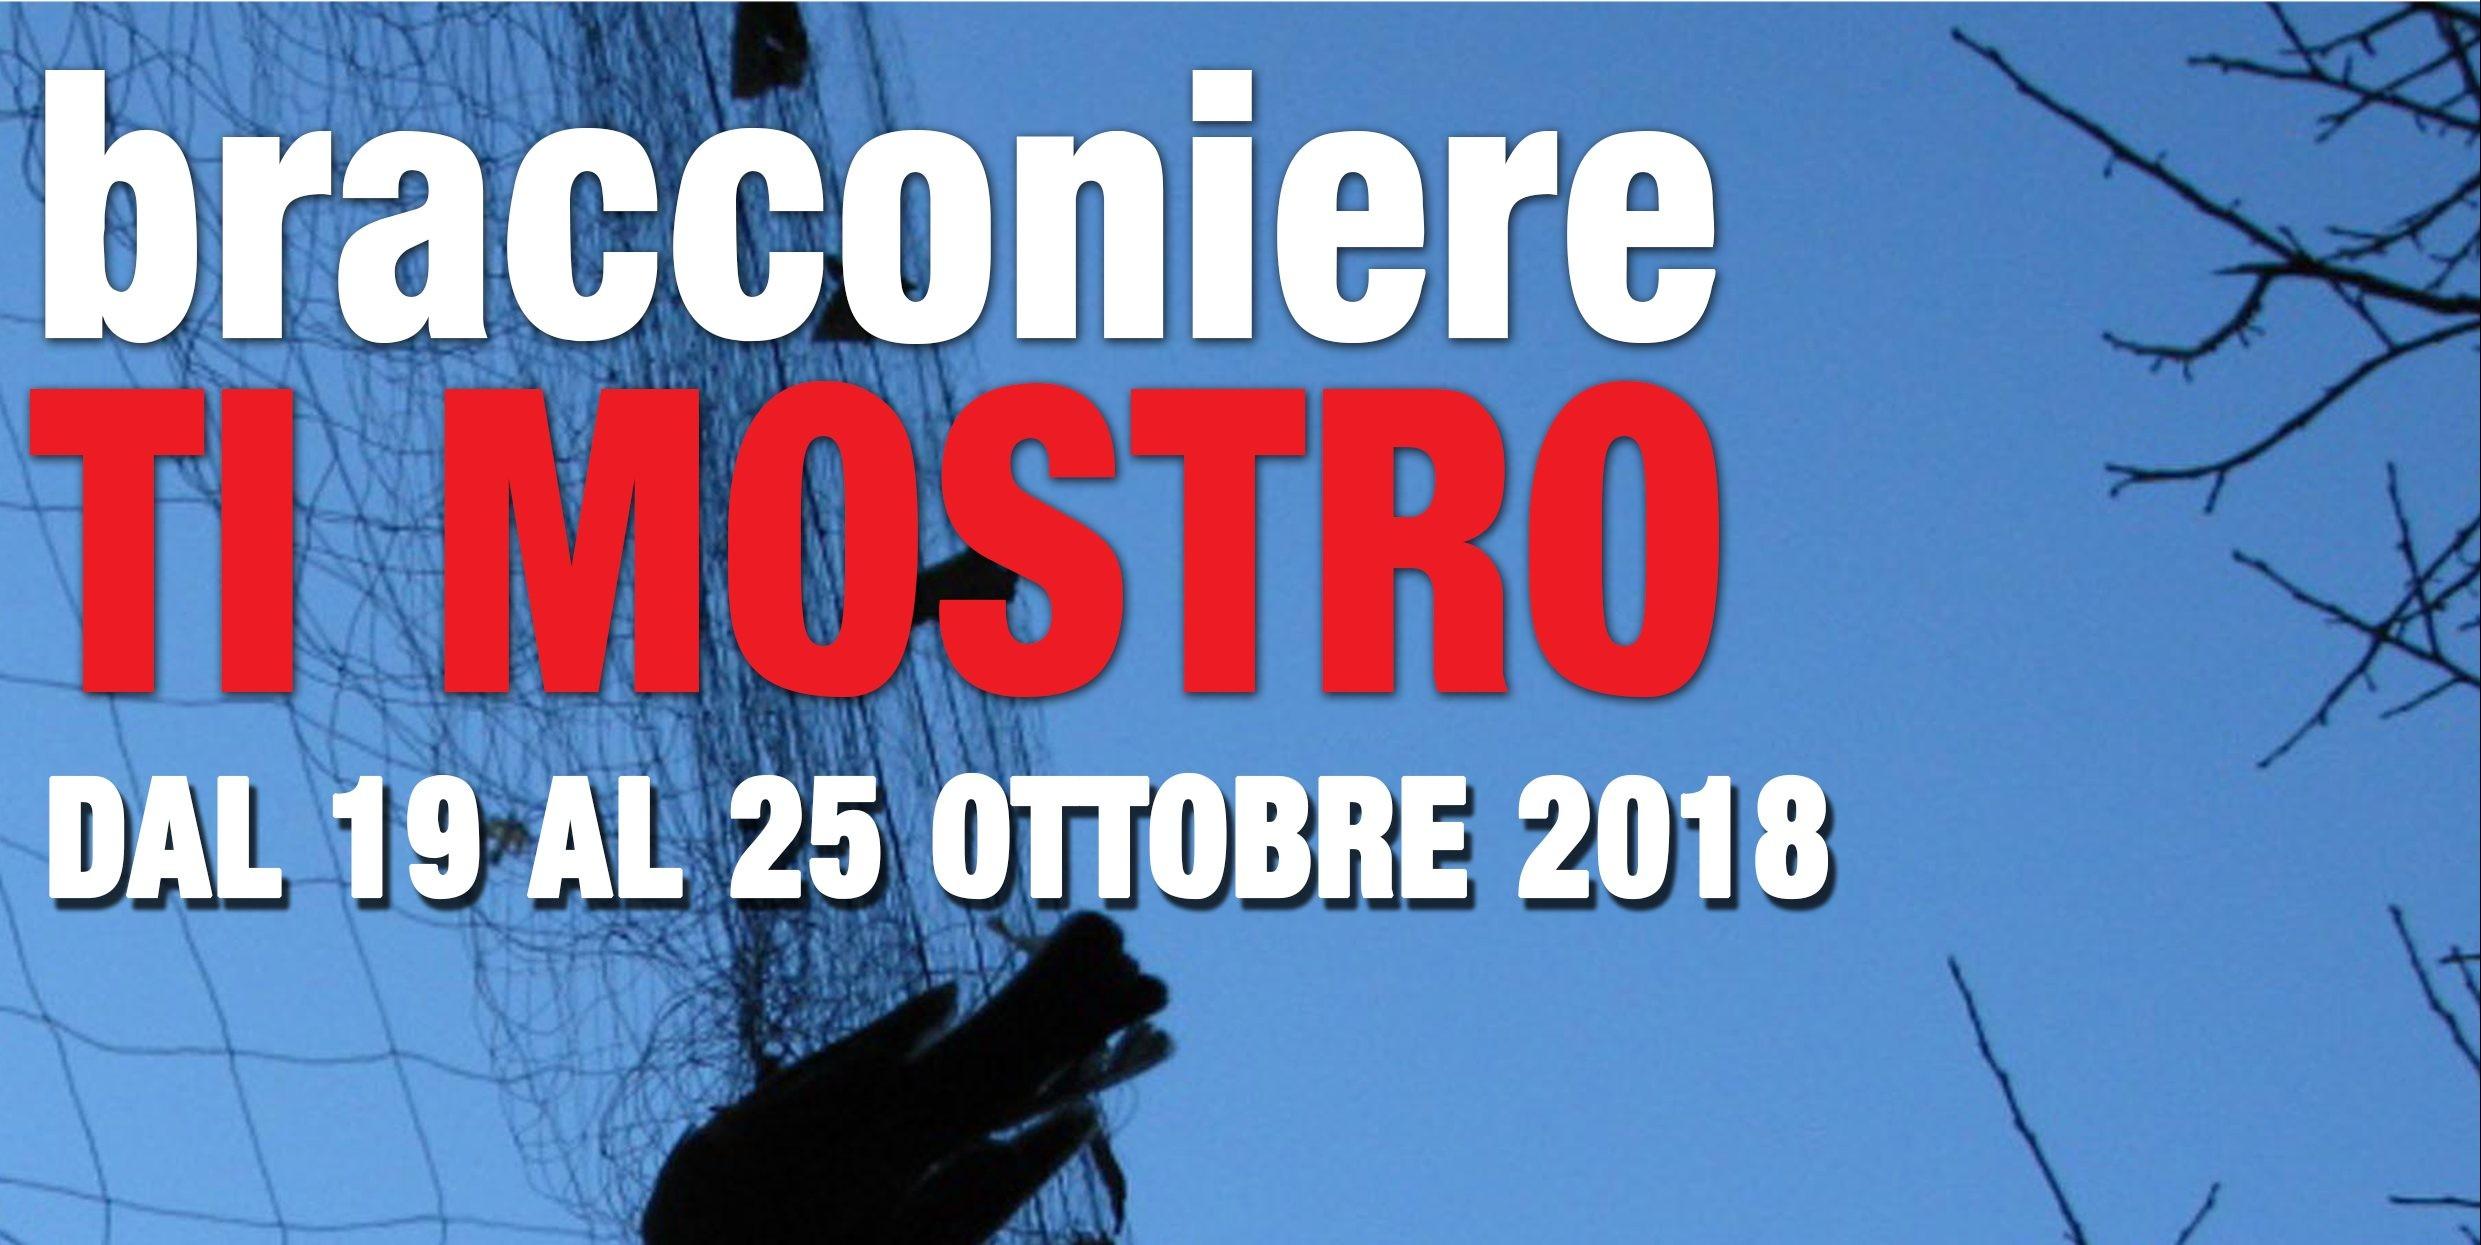 """Al via a Dueville VI la mostra """"bracconiere TI MOSTRO"""" • IoCaccio"""